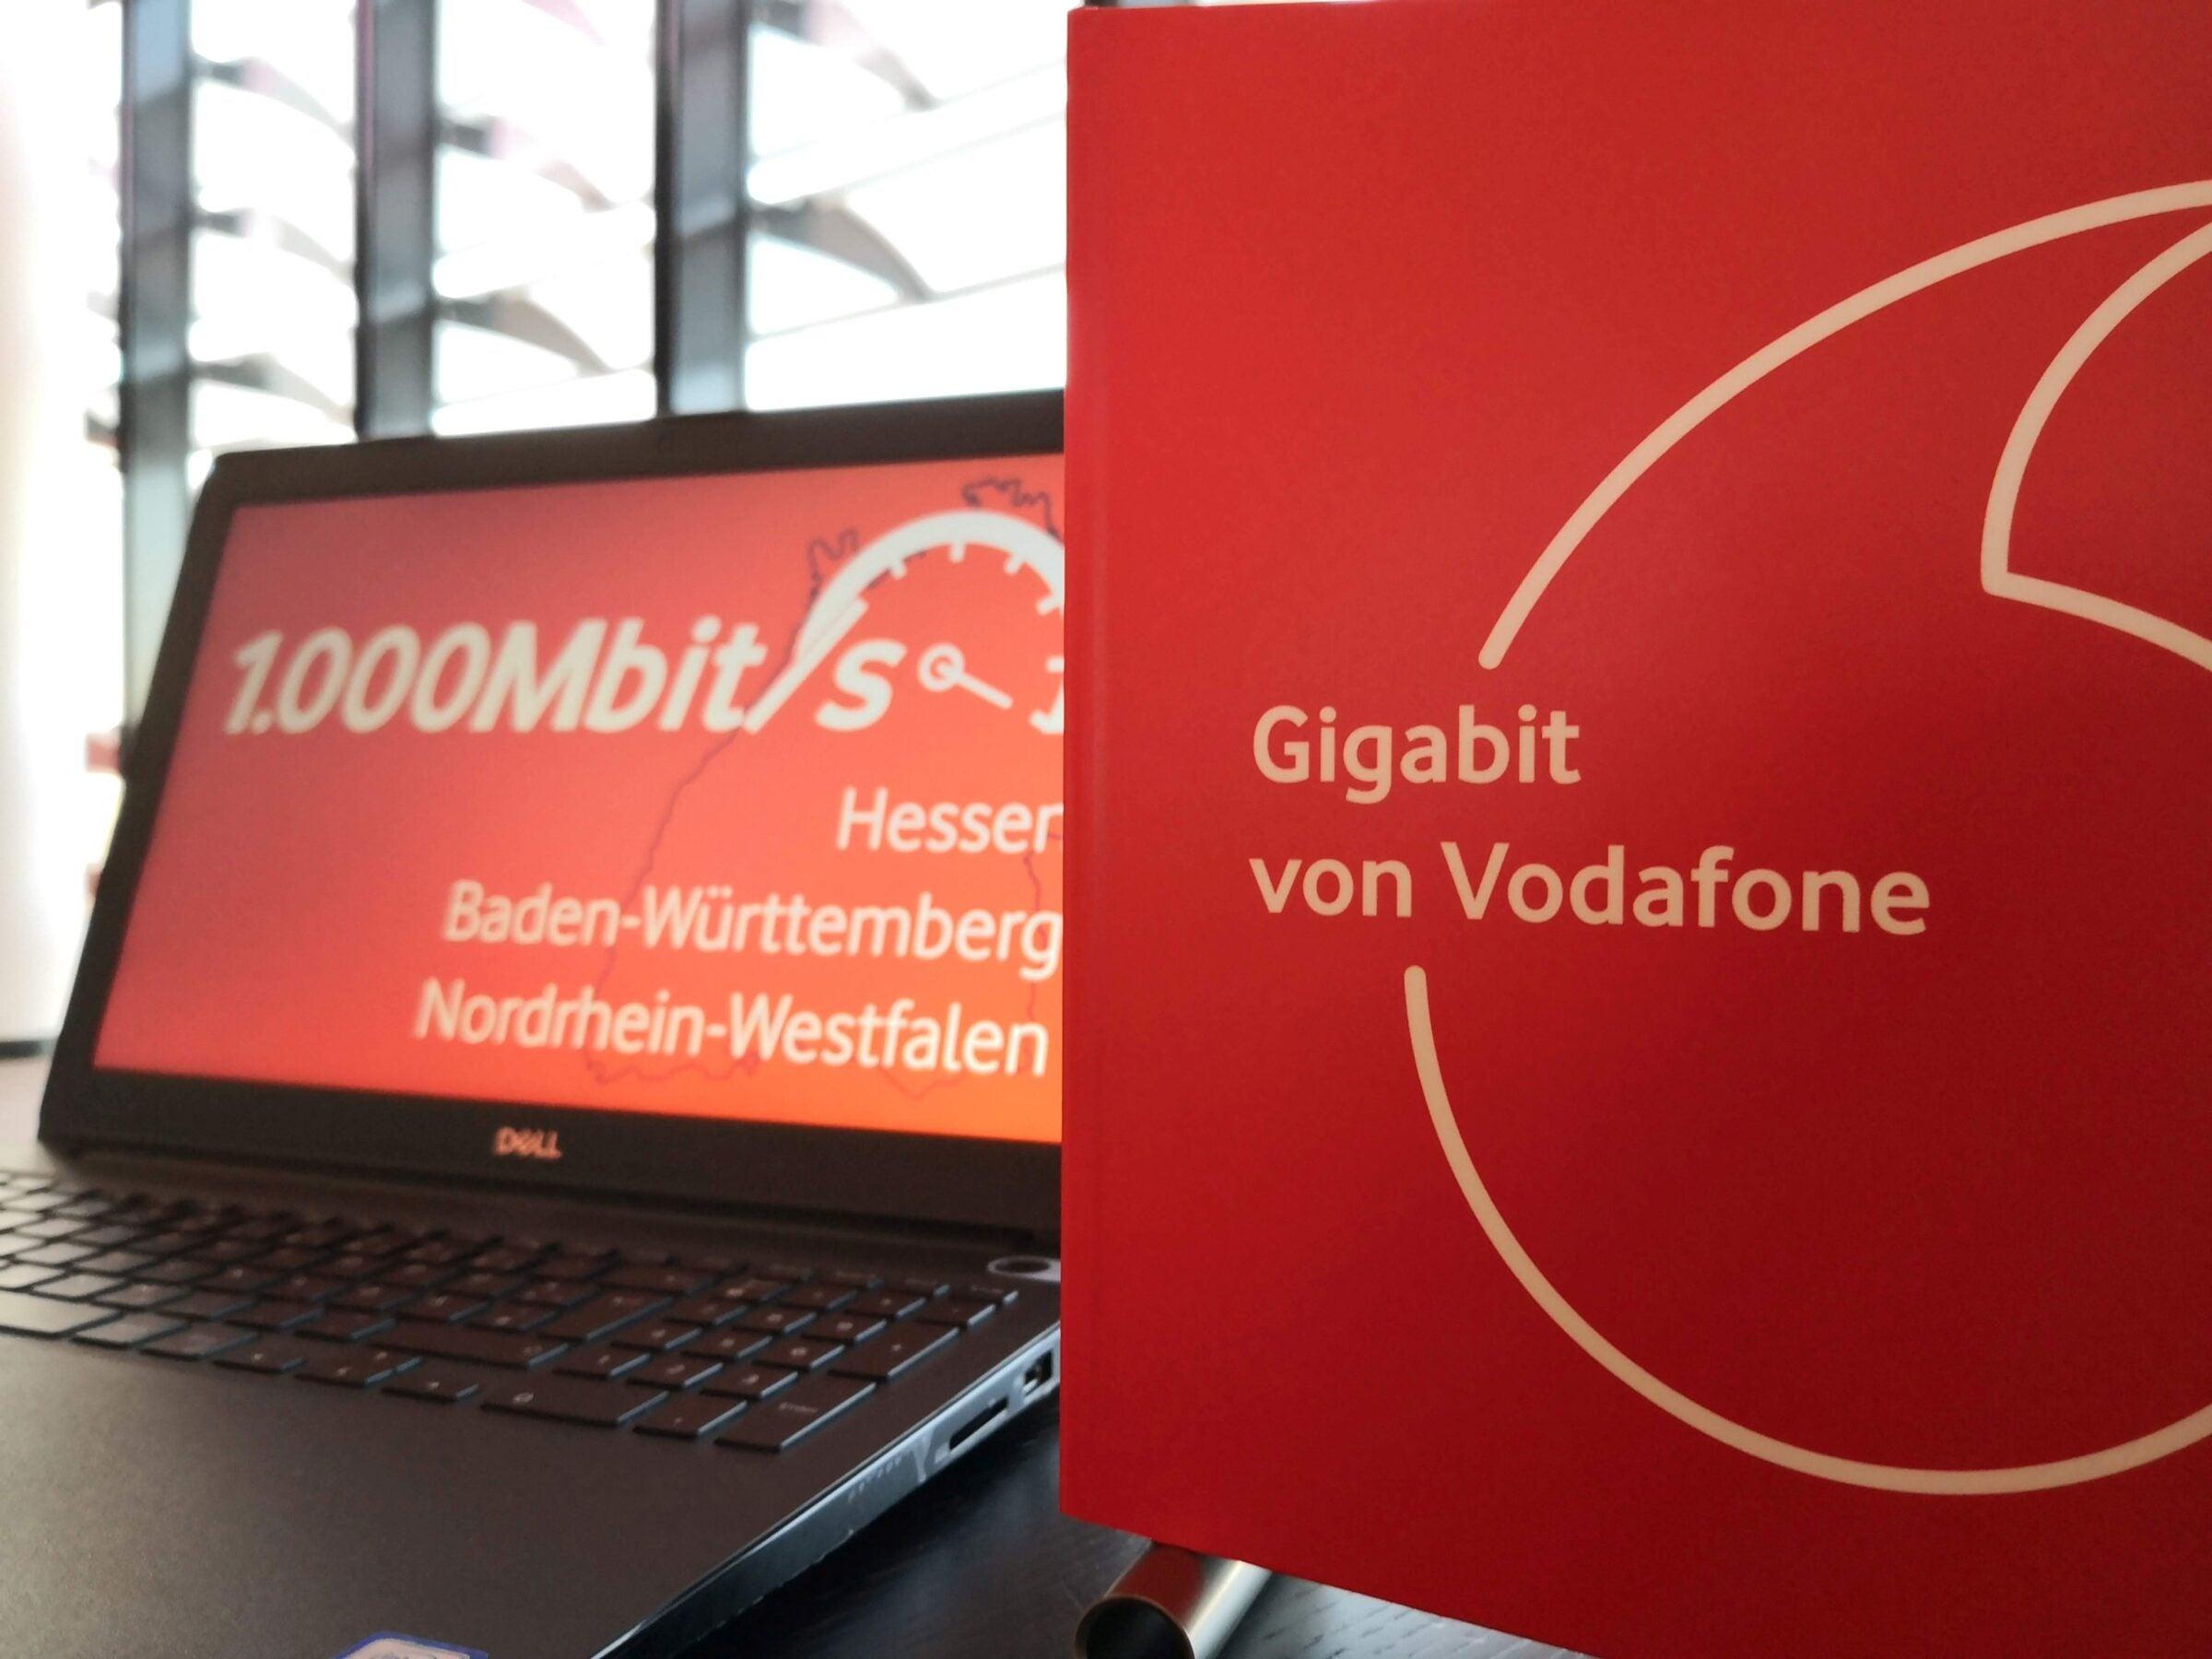 Erfahrungen mit dem Gigabit von Vodafone Erstaunliche Test Ergebnisse